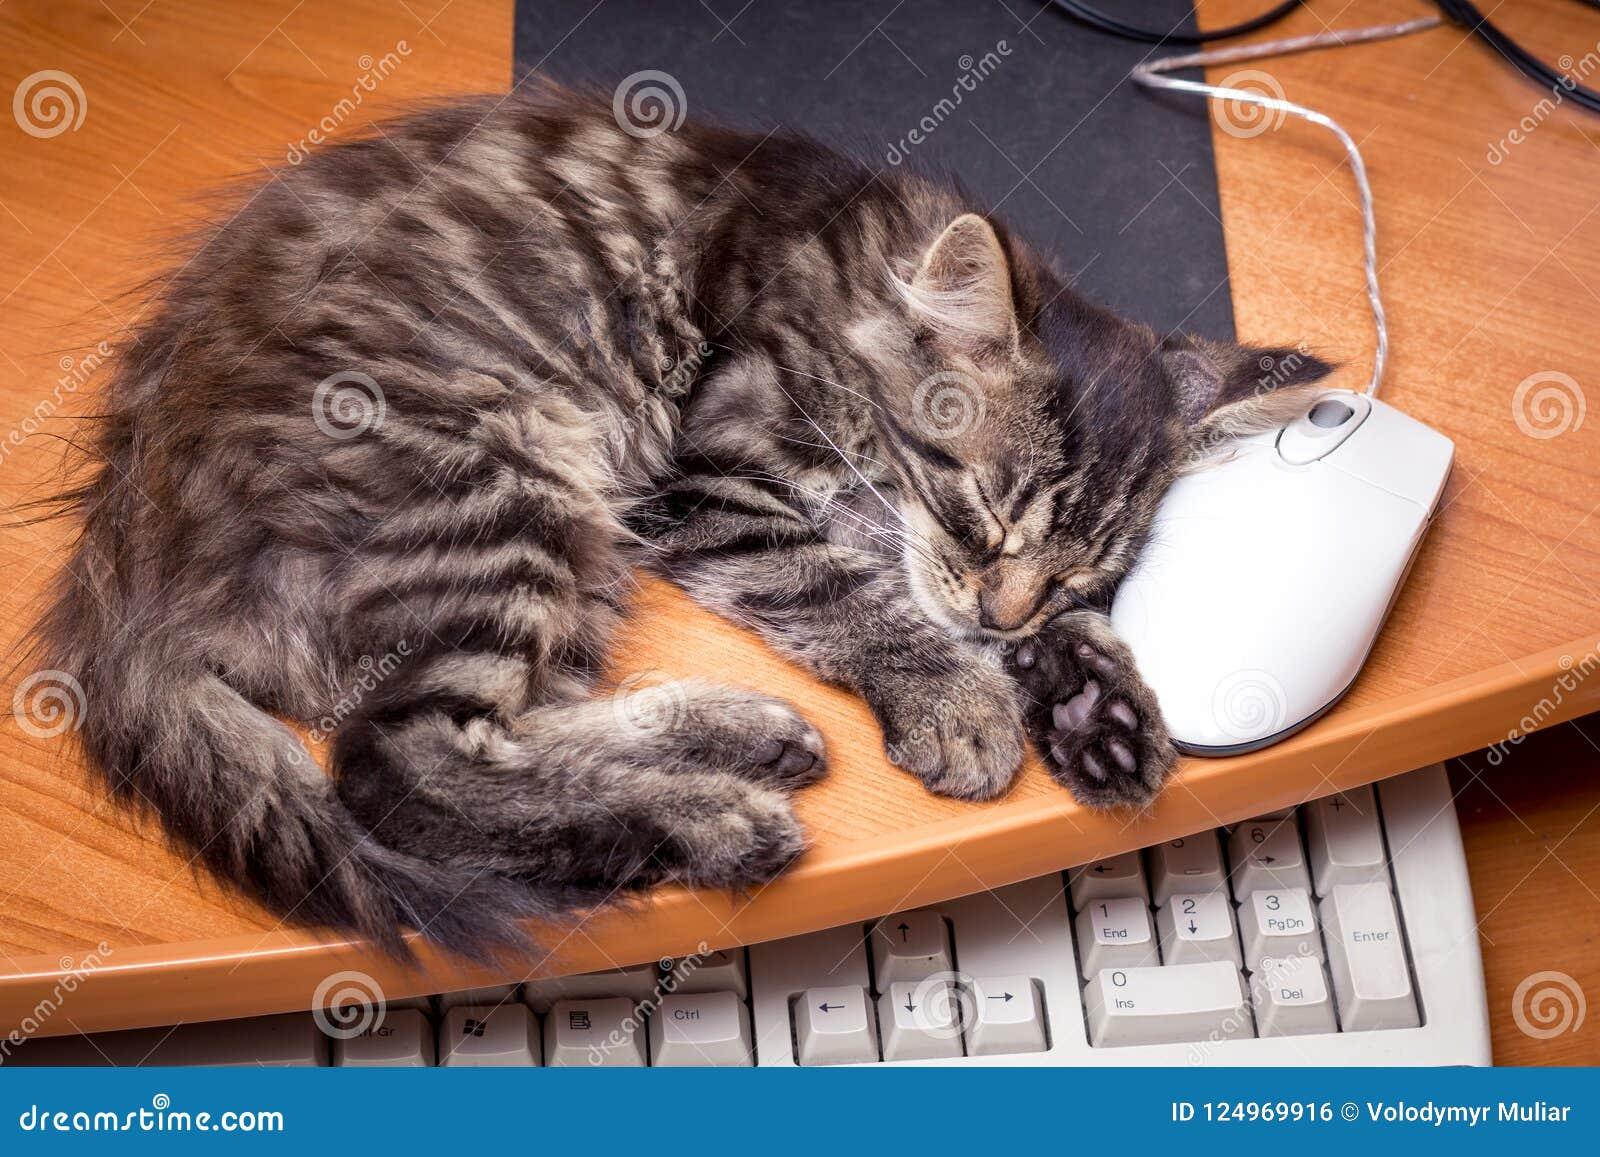 Λίγος ύπνος γατακιών κοντά στον υπολογιστή, που βάζει το κεφάλι του επάνω